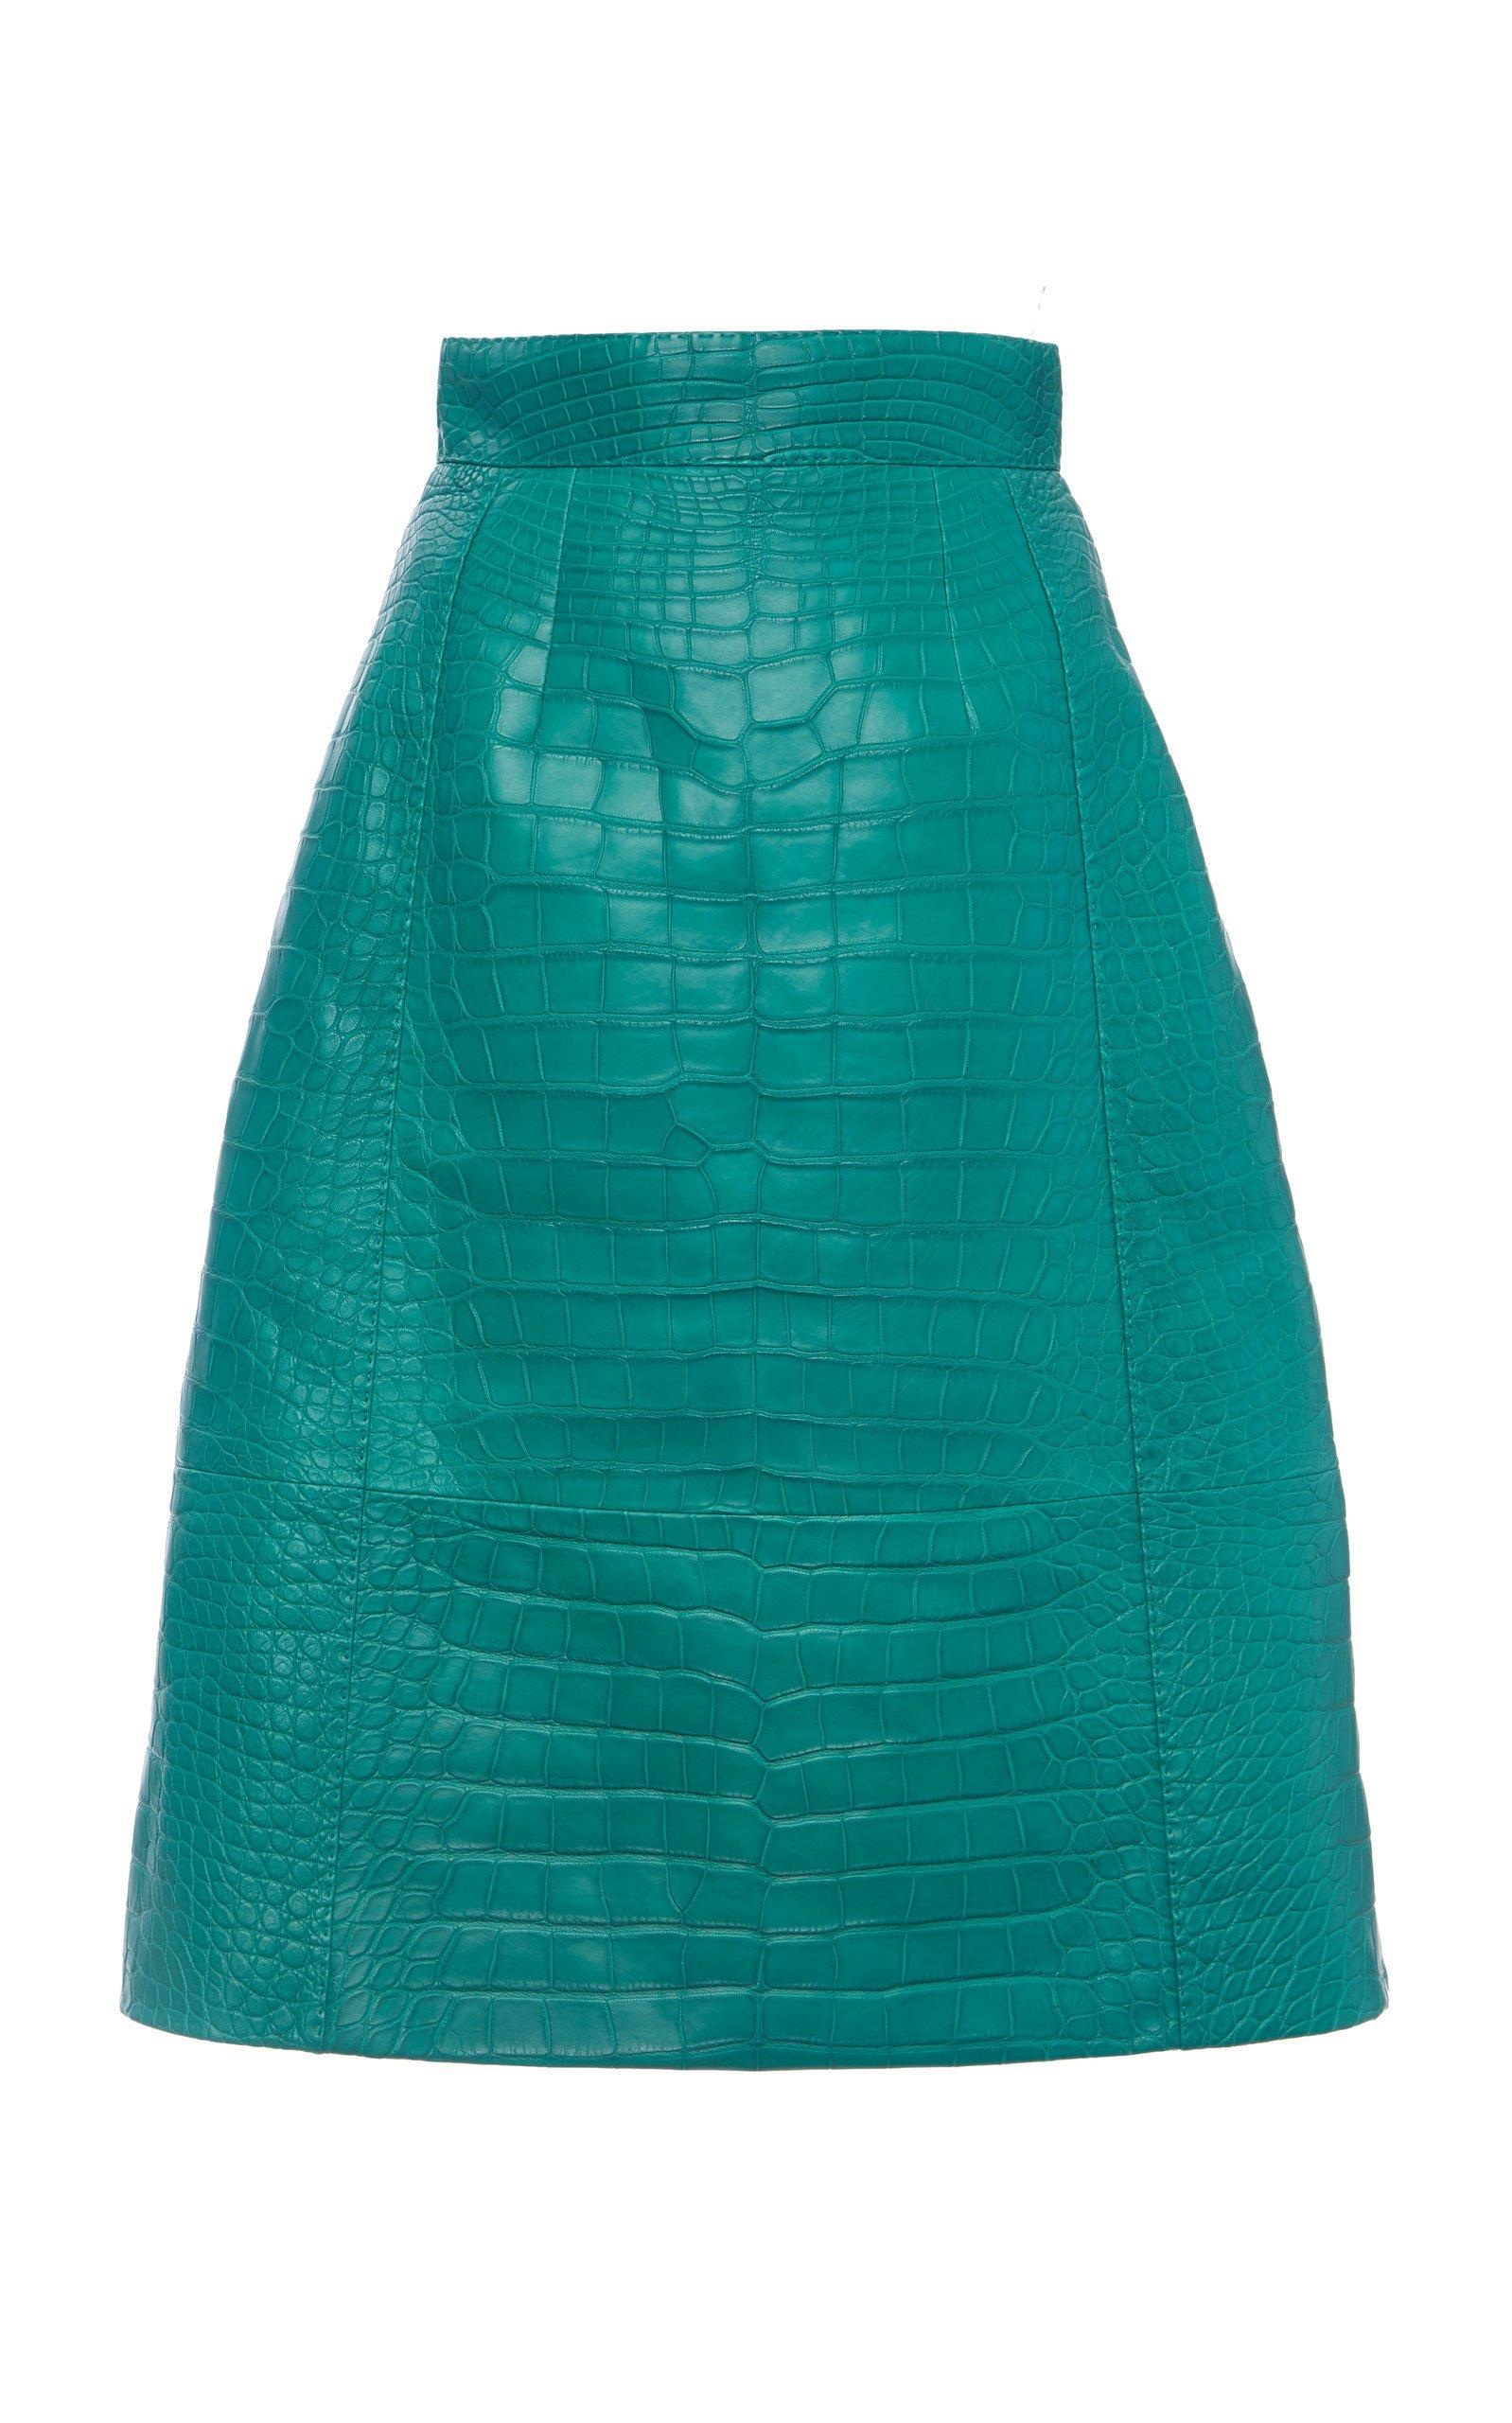 Dolce & Gabbana Crocodile Skirt Size: 38